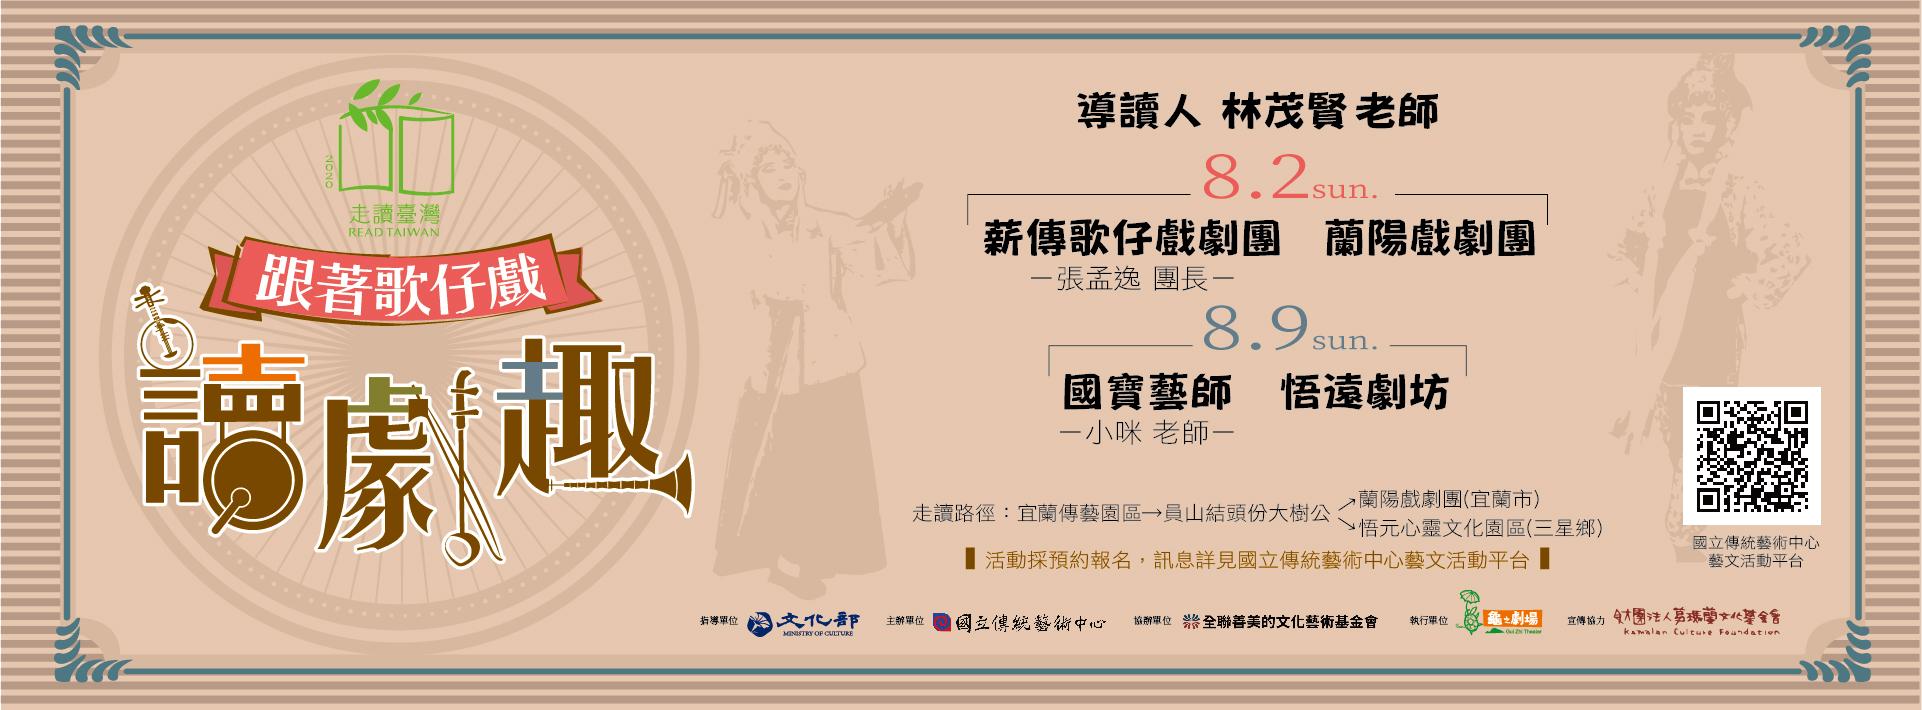 109年世界閱讀日系列活動「走讀臺灣-跟著歌仔戲讀劇趣」「另開新視窗」